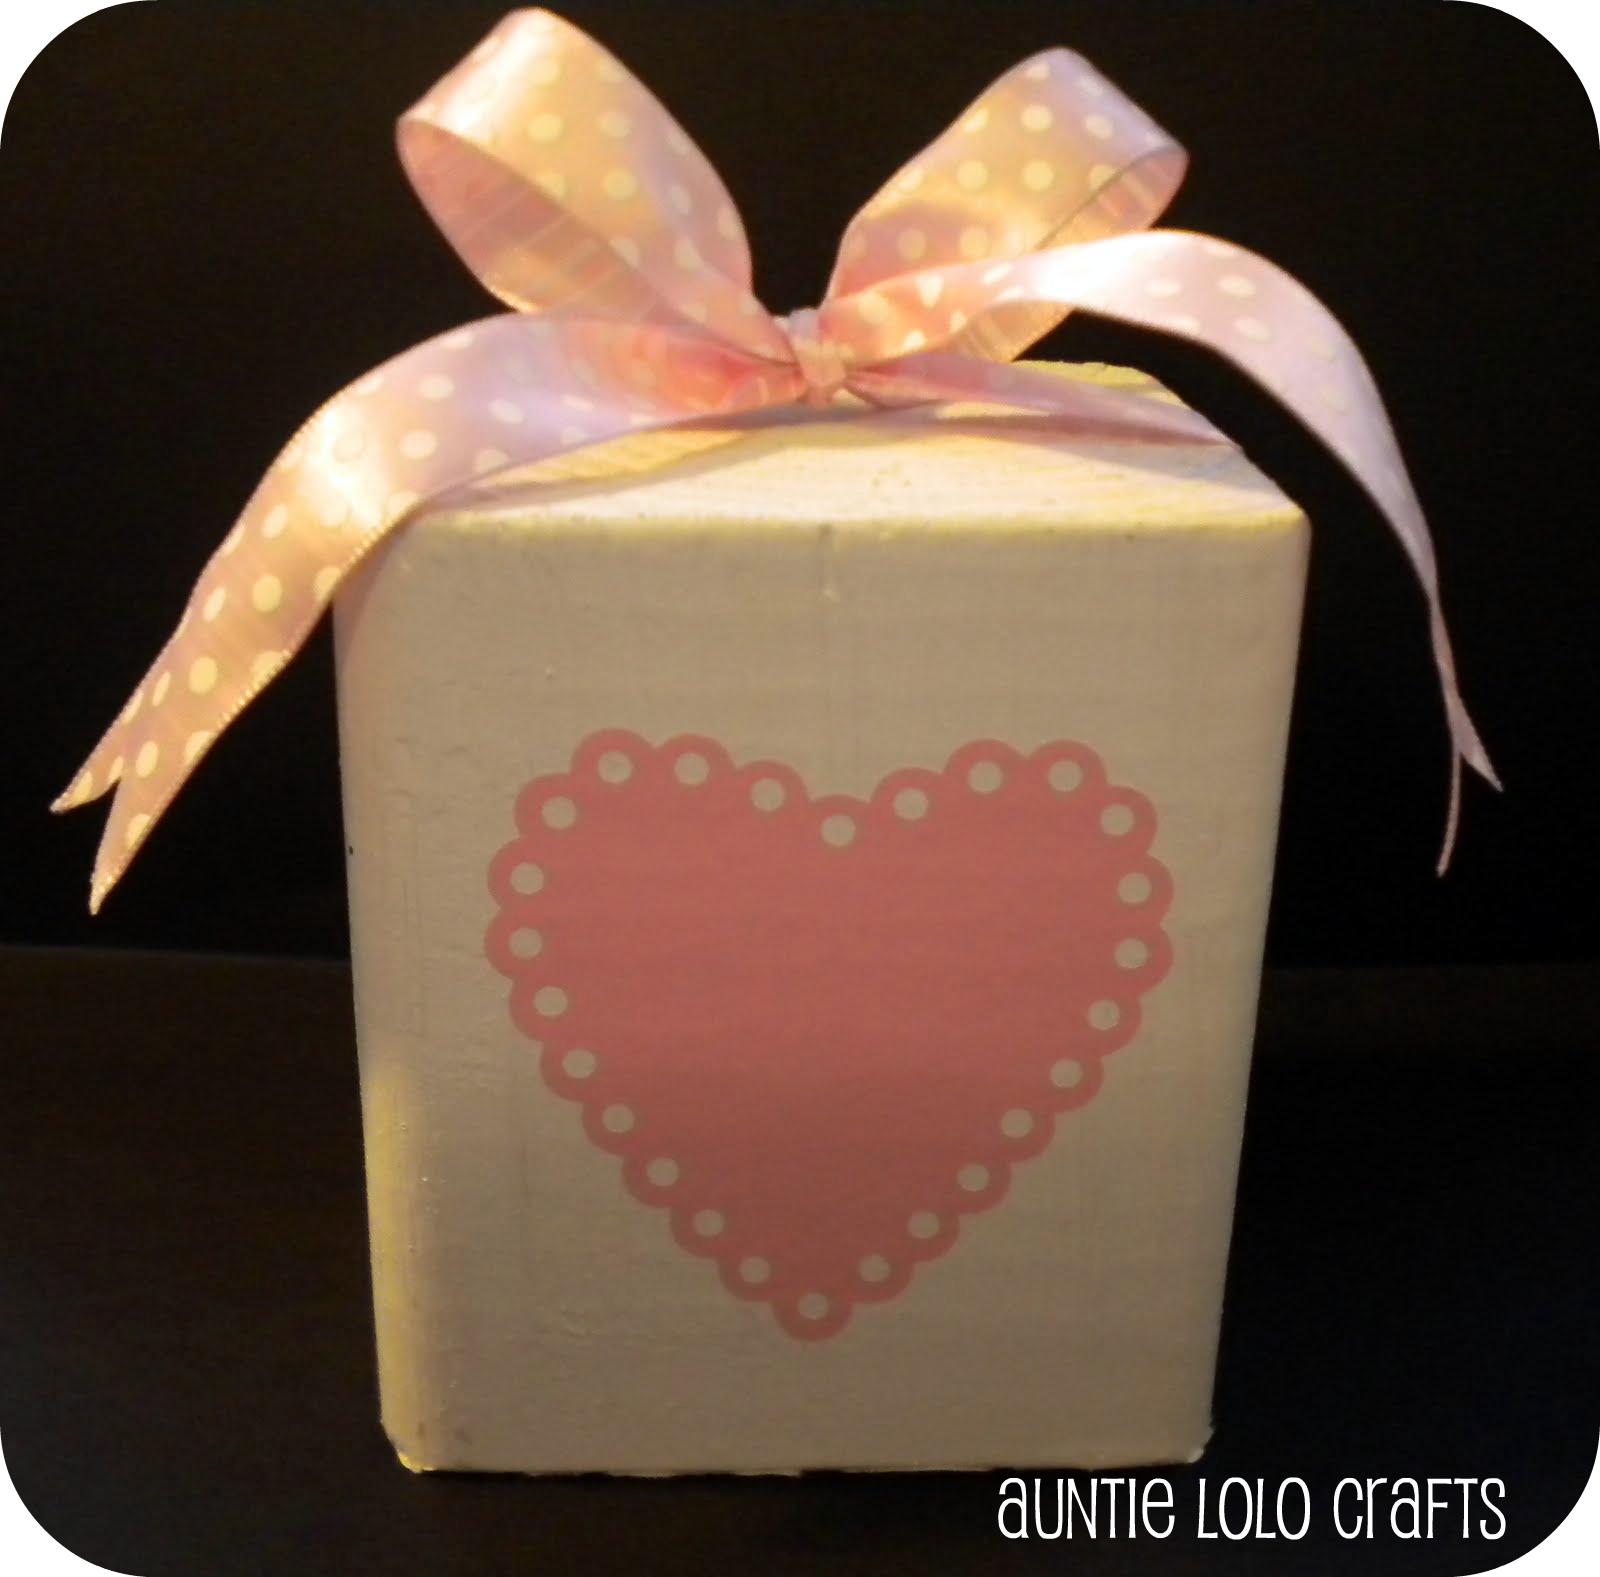 https://i1.wp.com/3.bp.blogspot.com/_1Qn76HzZFGk/TUxuJ8kGTHI/AAAAAAAAD8M/qBGAw2YLA1U/s1600/valentine%2527s+block.jpg?resize=540%2C533